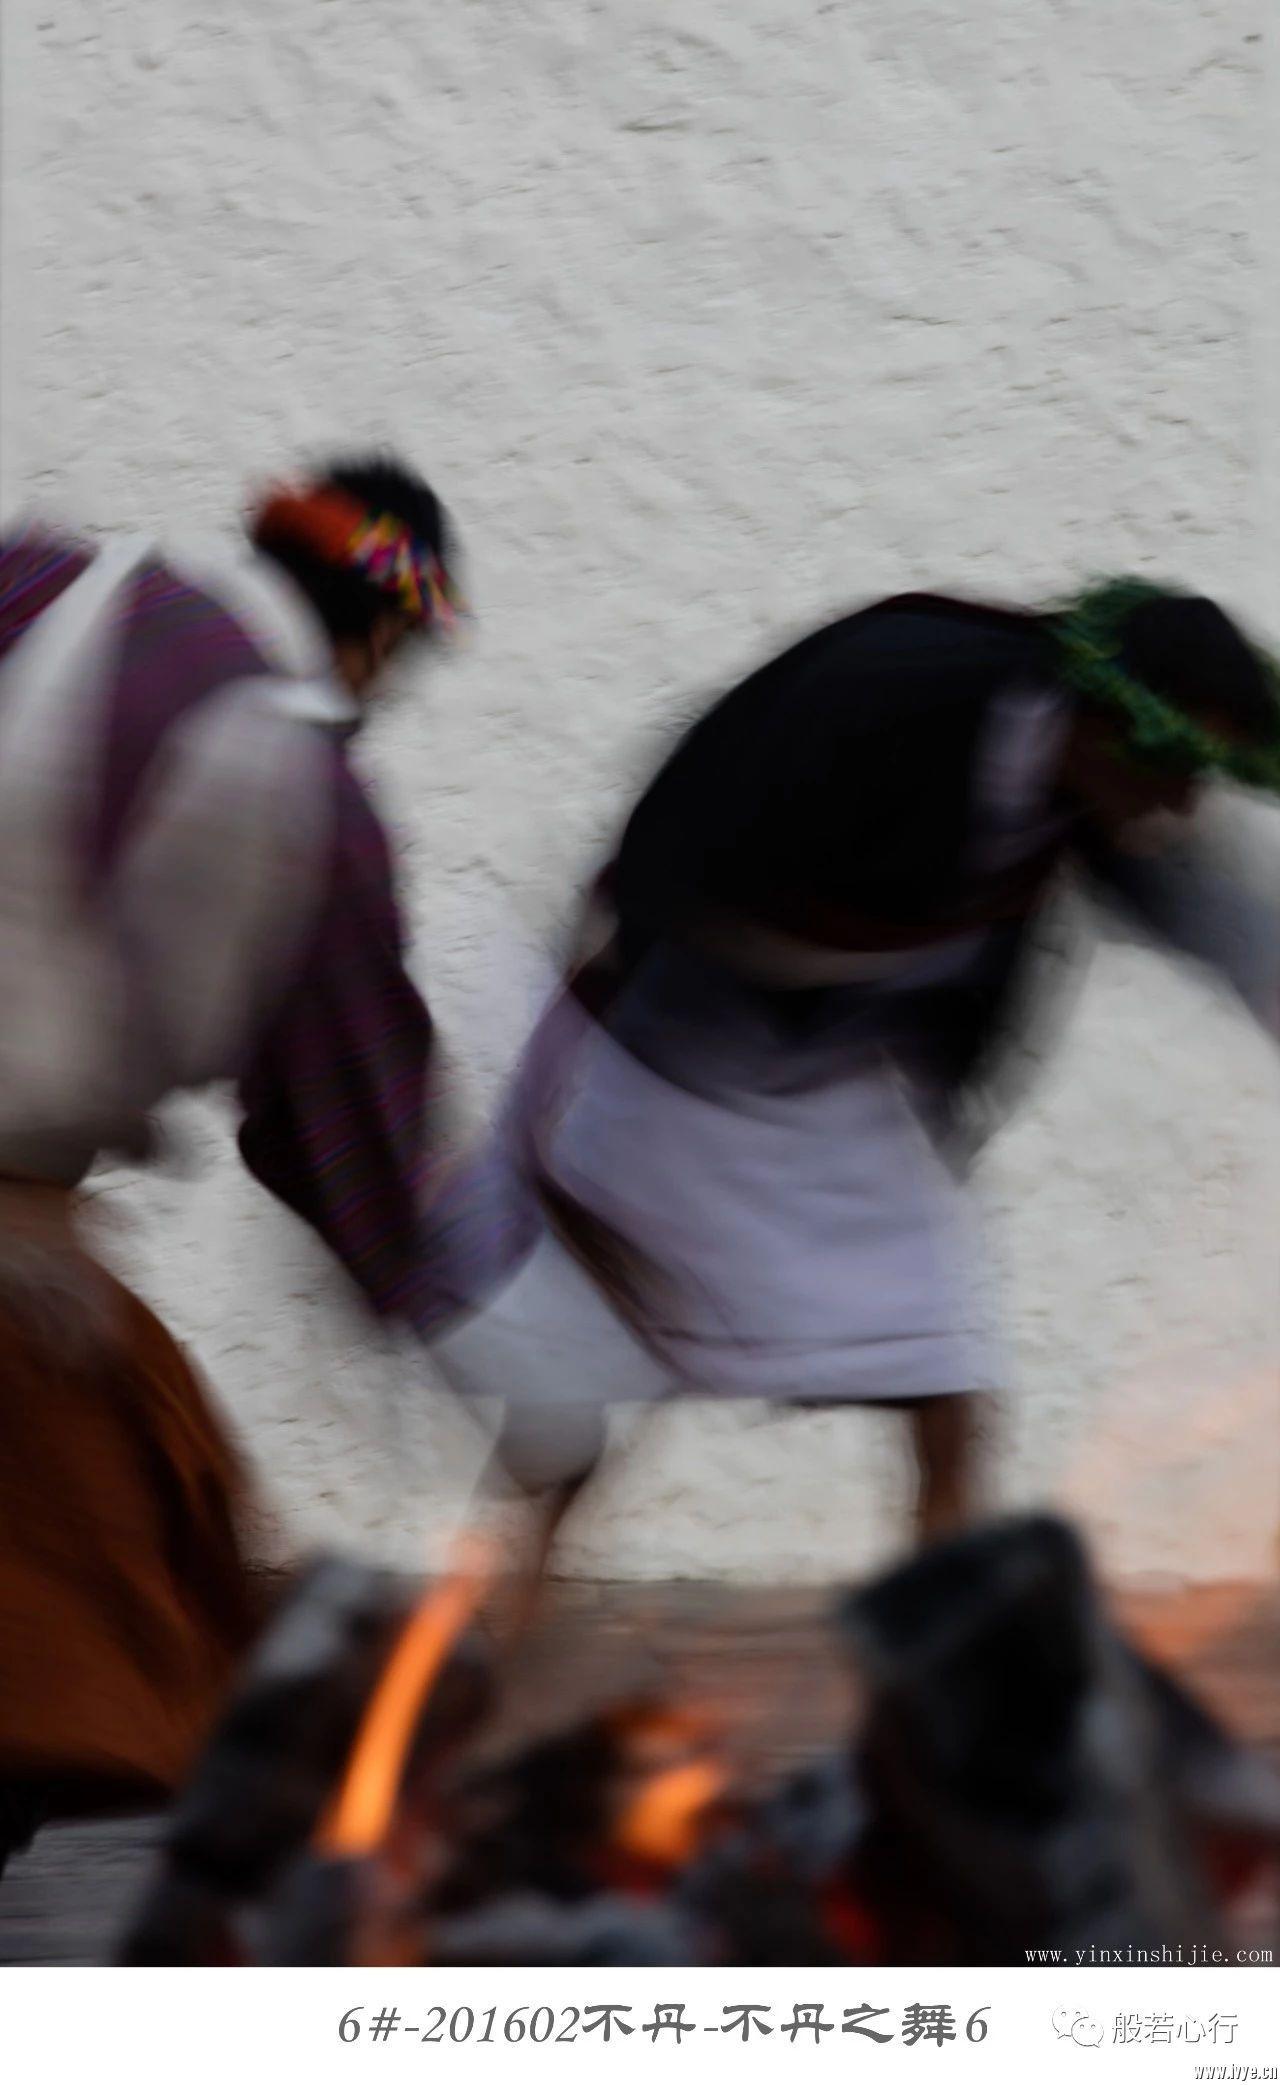 6#-201602不丹-不丹之舞6.jpg